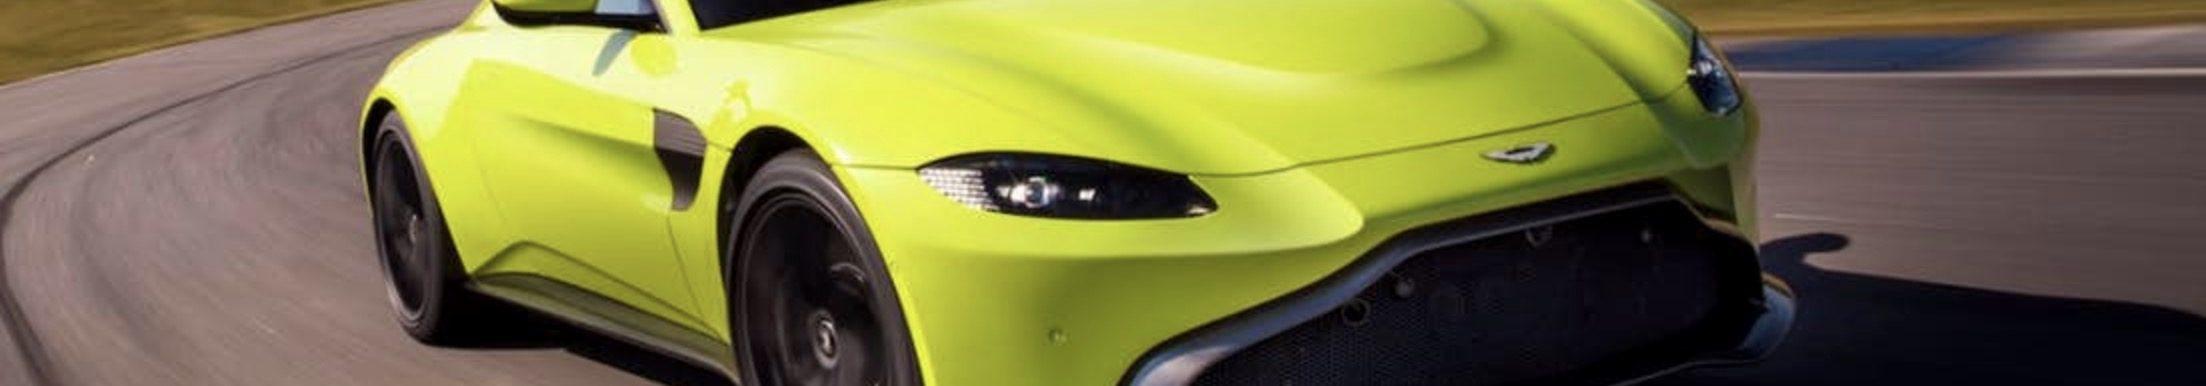 Udstillere og virksomheder til Auto Show Denmark 2020 i Odense